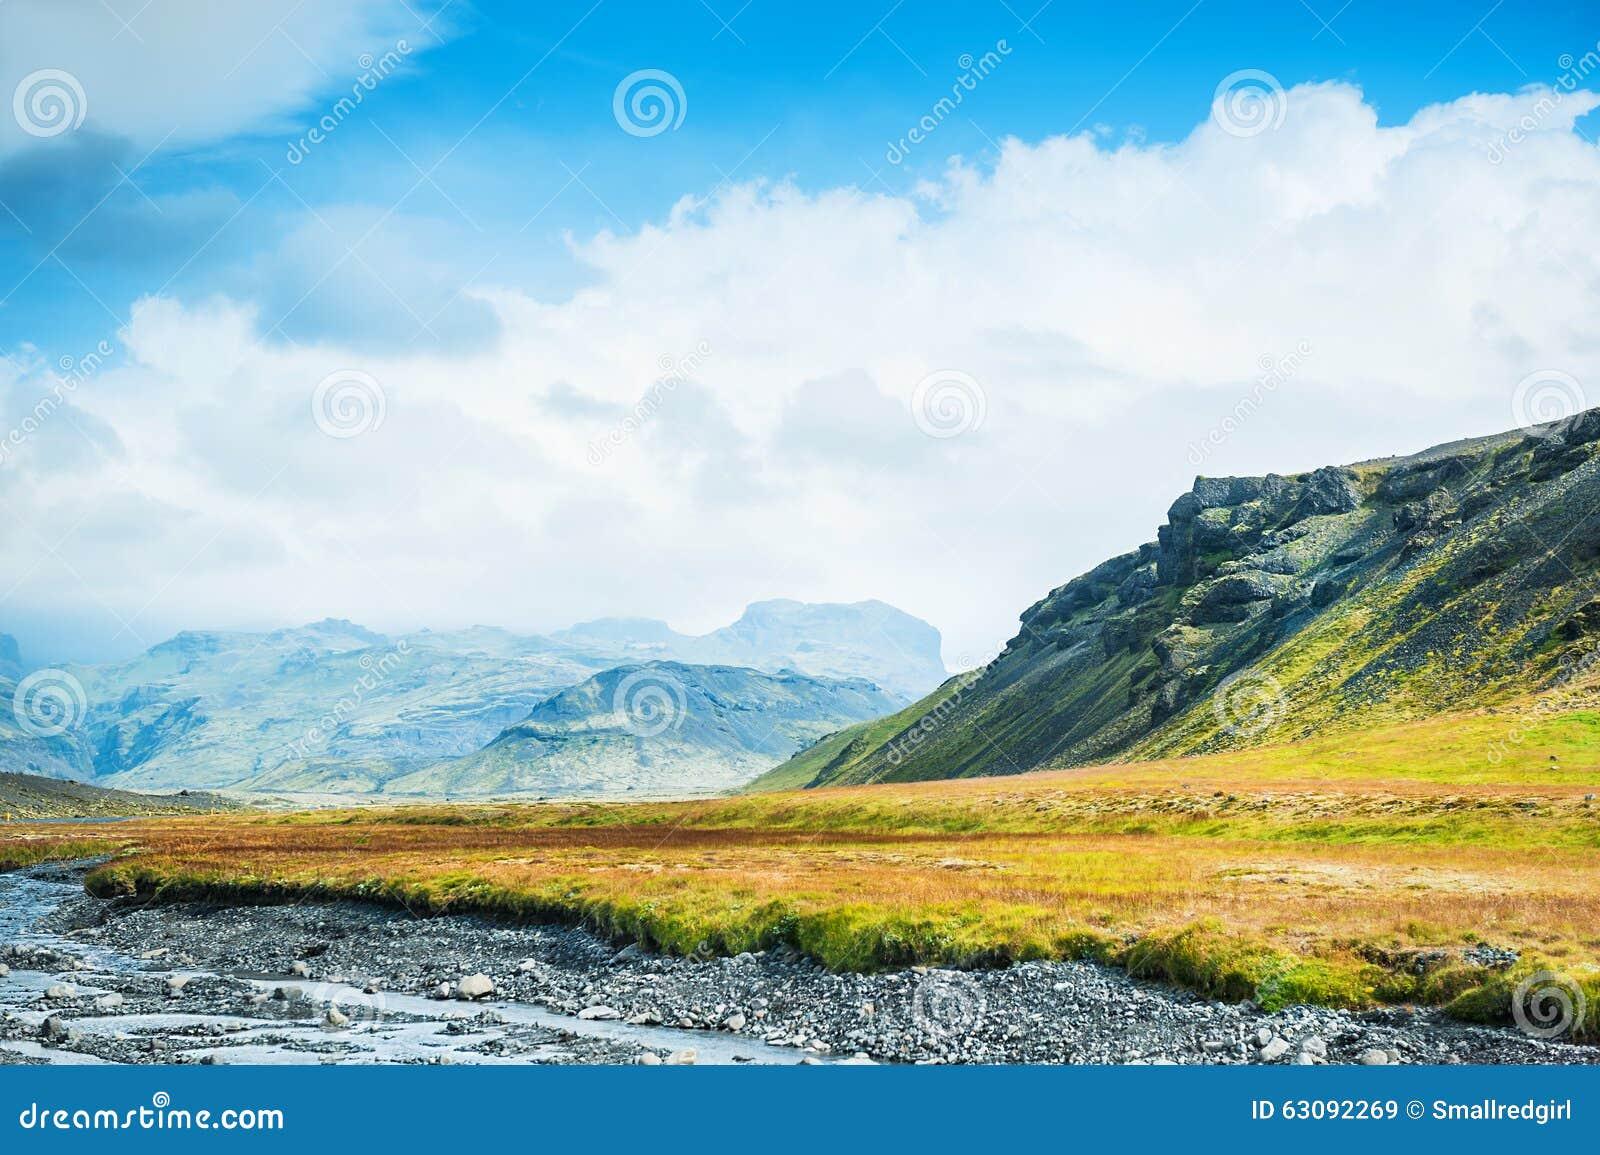 Download Beau Paysage Avec Le Mountain View Image stock - Image du north, extrême: 63092269